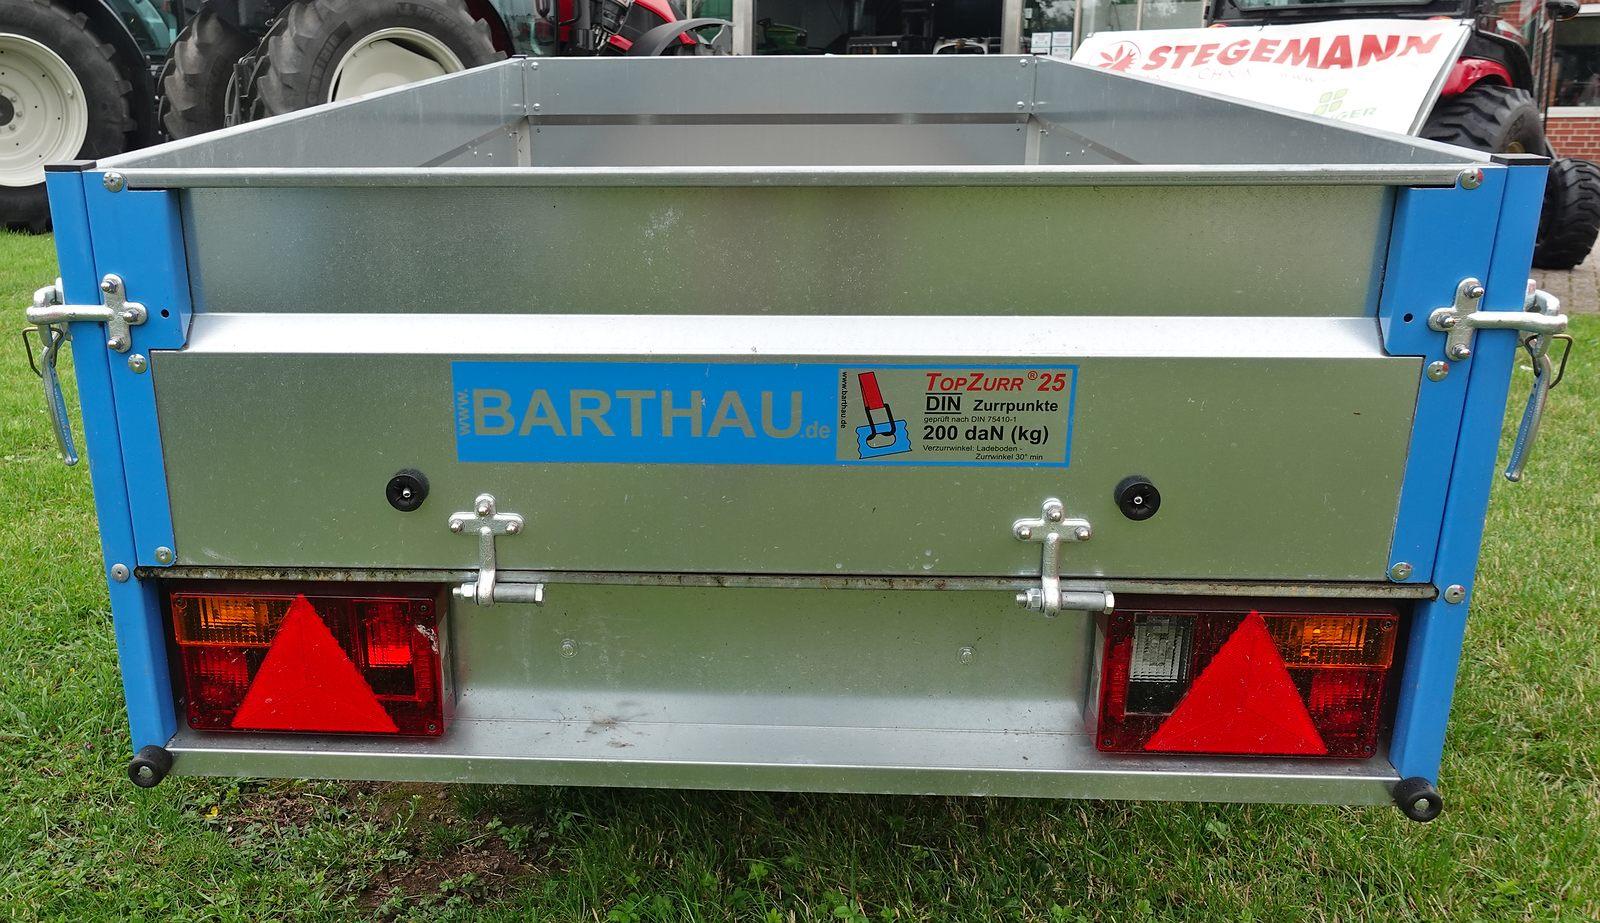 PKW-Anhänger Barthau BL 751